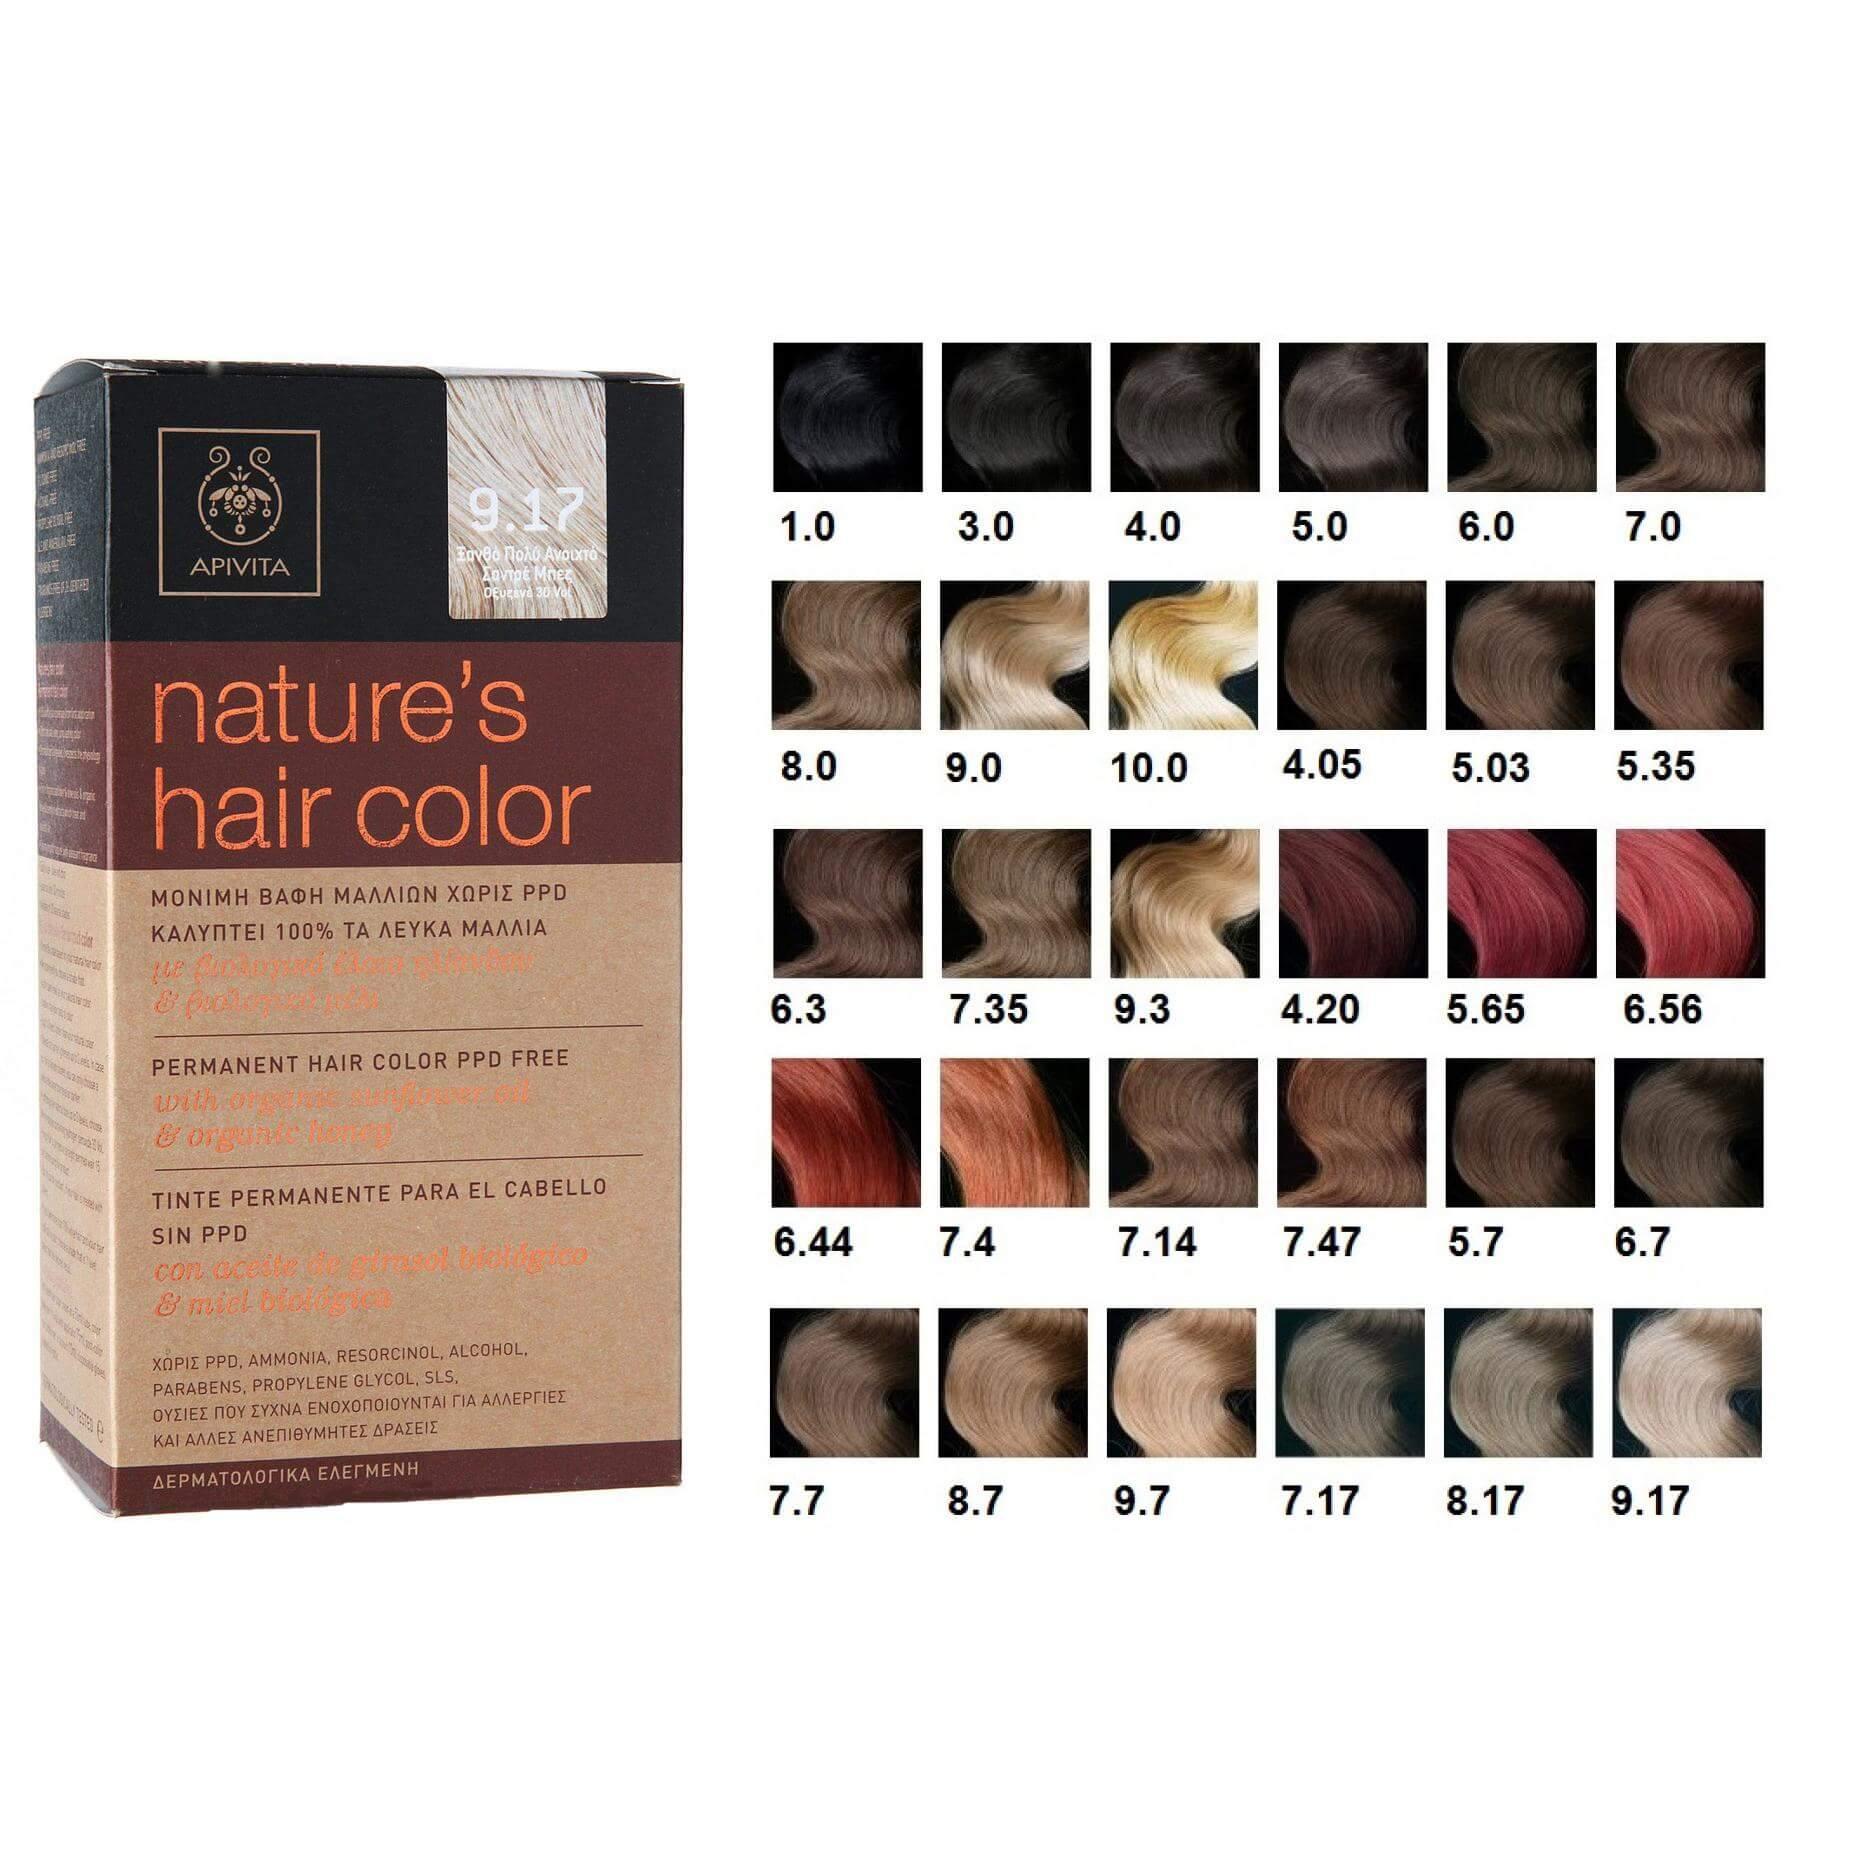 Με αγορά 2 αντηλιακών APIVITA σας κάνουμε δώρο μία βαφή μαλλιών αξίας 15€. Για να ενεργοποιηθεί το promo προσθέστε 2 αντηλιακά στο καλάθι σας και στην συνέχεια προσθέστε μία βαφή APIVITA (κωδικός 003686) στο χρώμα που επιθυμείτε.